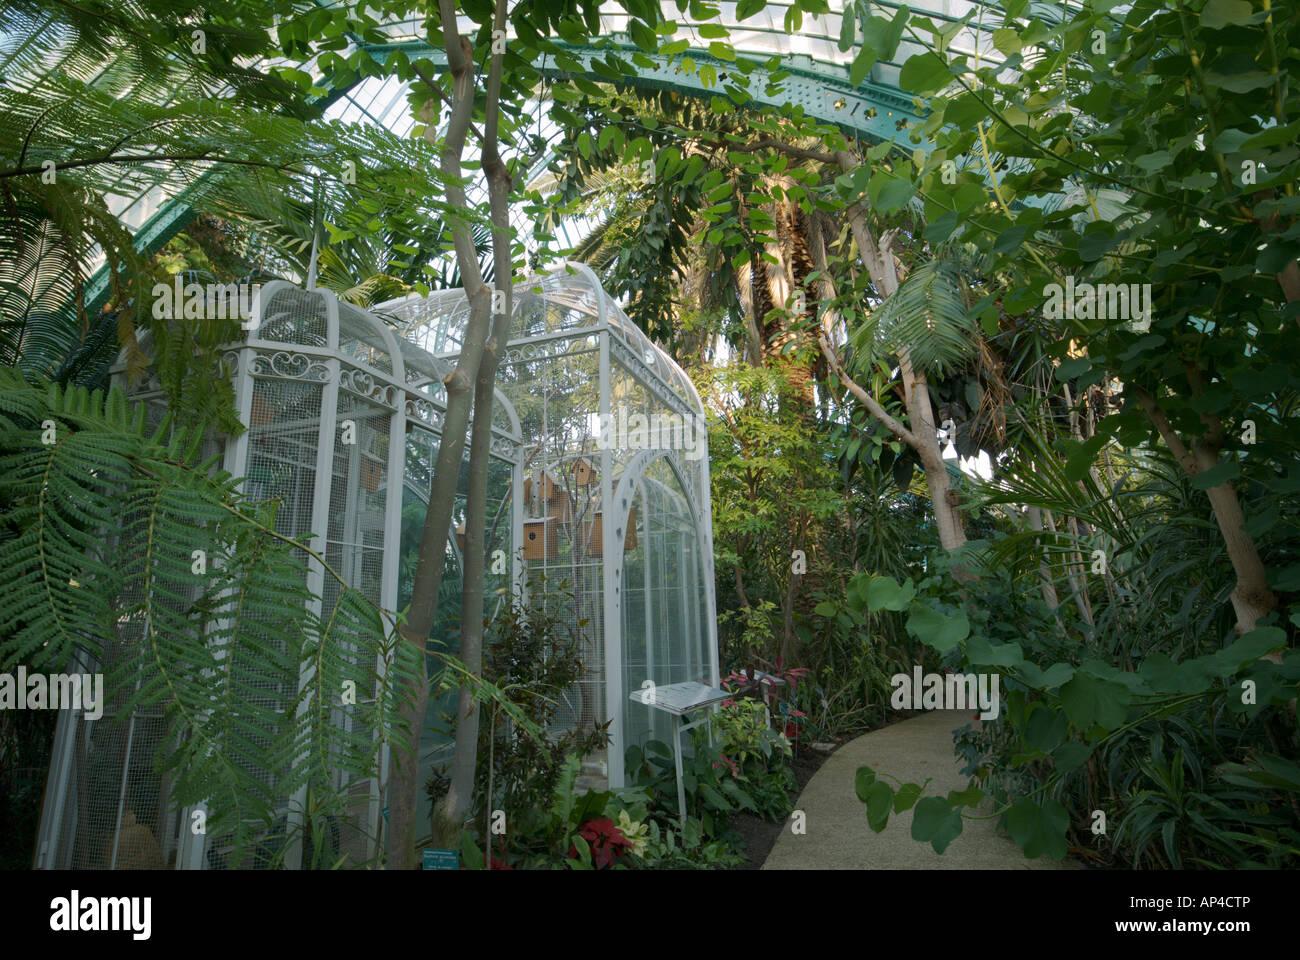 Une volière à l\'intérieur d\'une serre au jardin des serres d ...